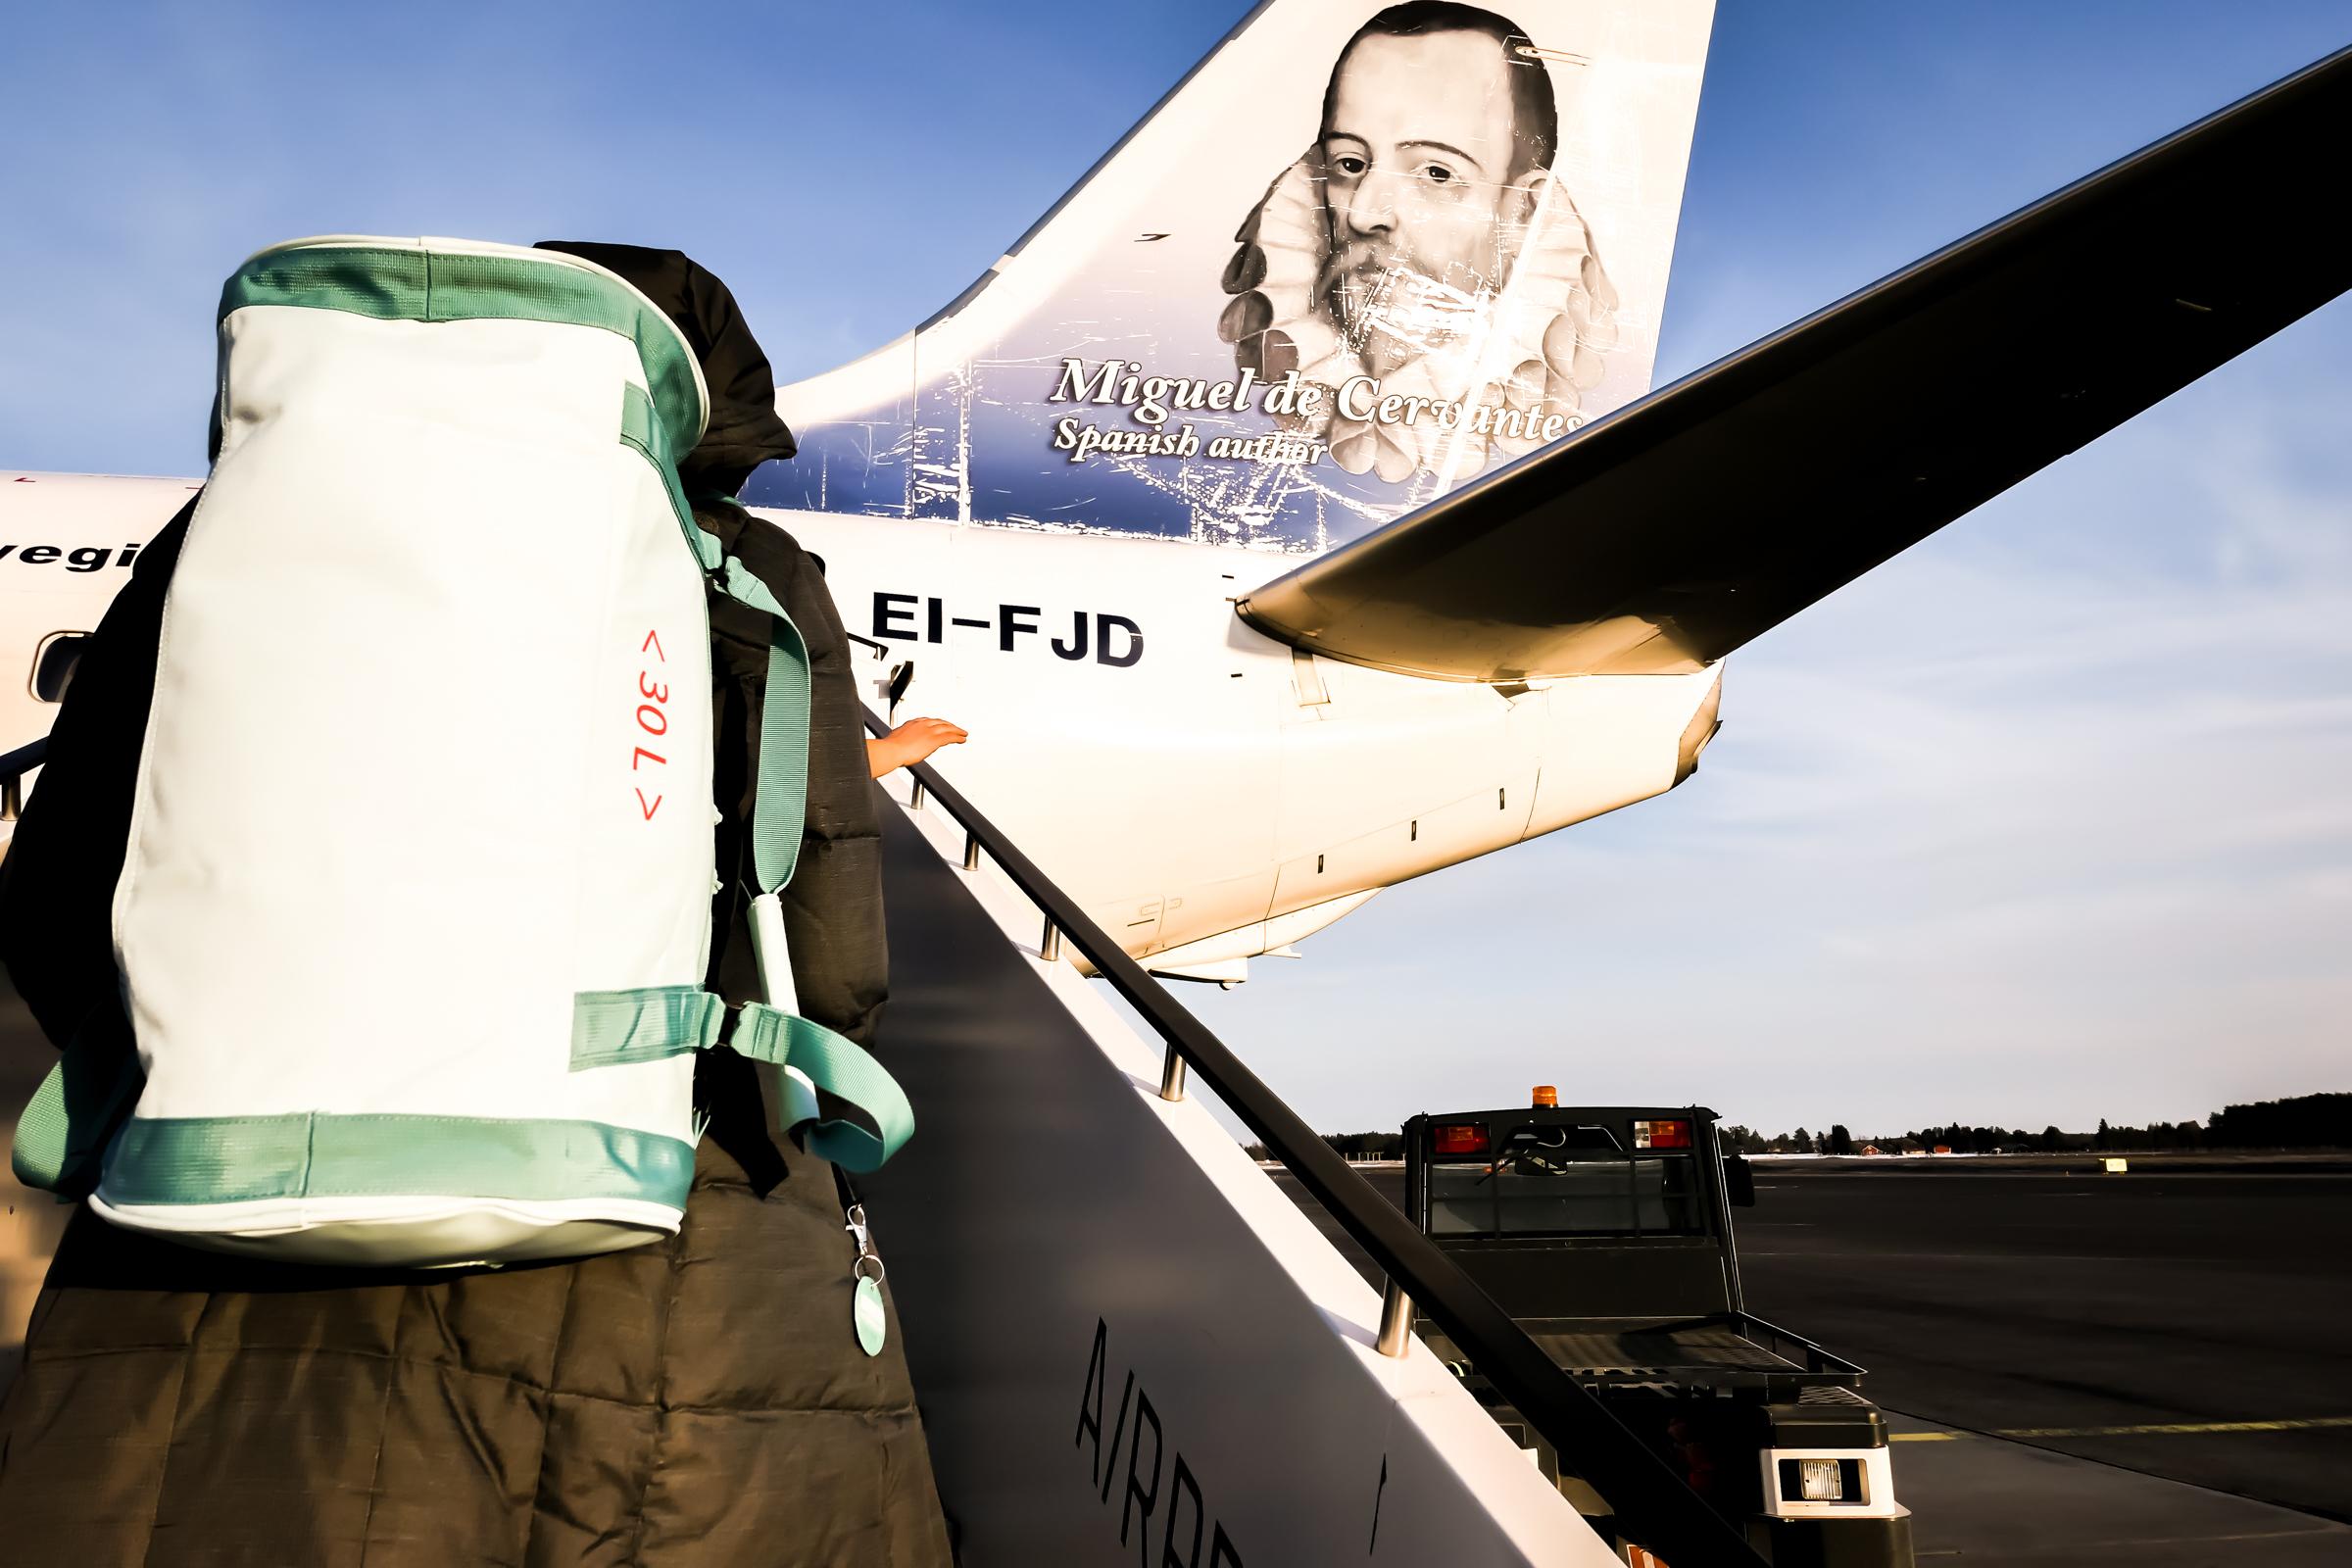 boarding the Jet to hELSINKI..